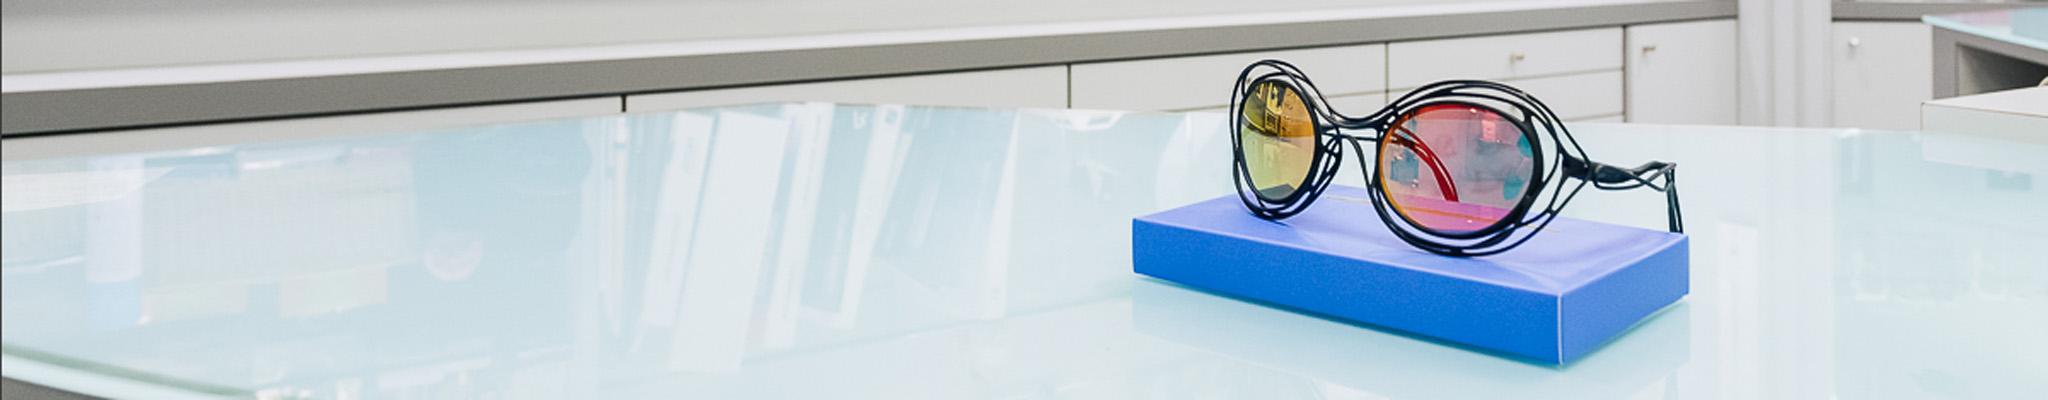 vendita occhiali da sole ottico savona montature